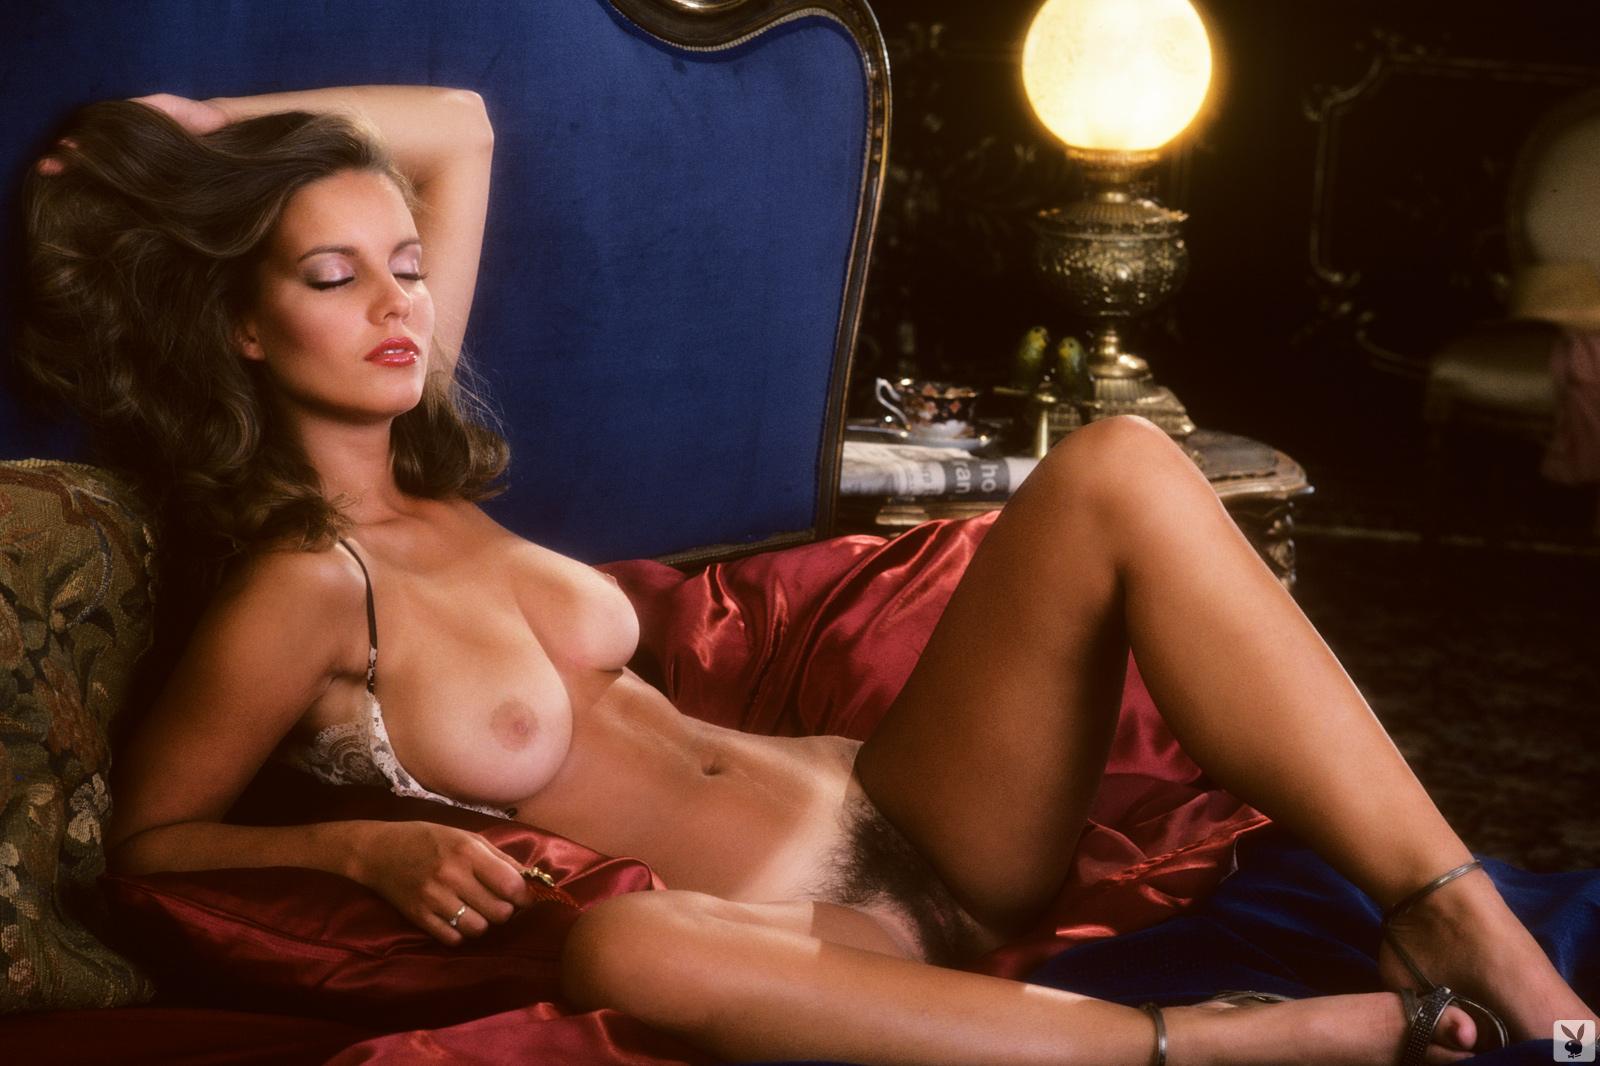 Ebony lisa rogers nude pics